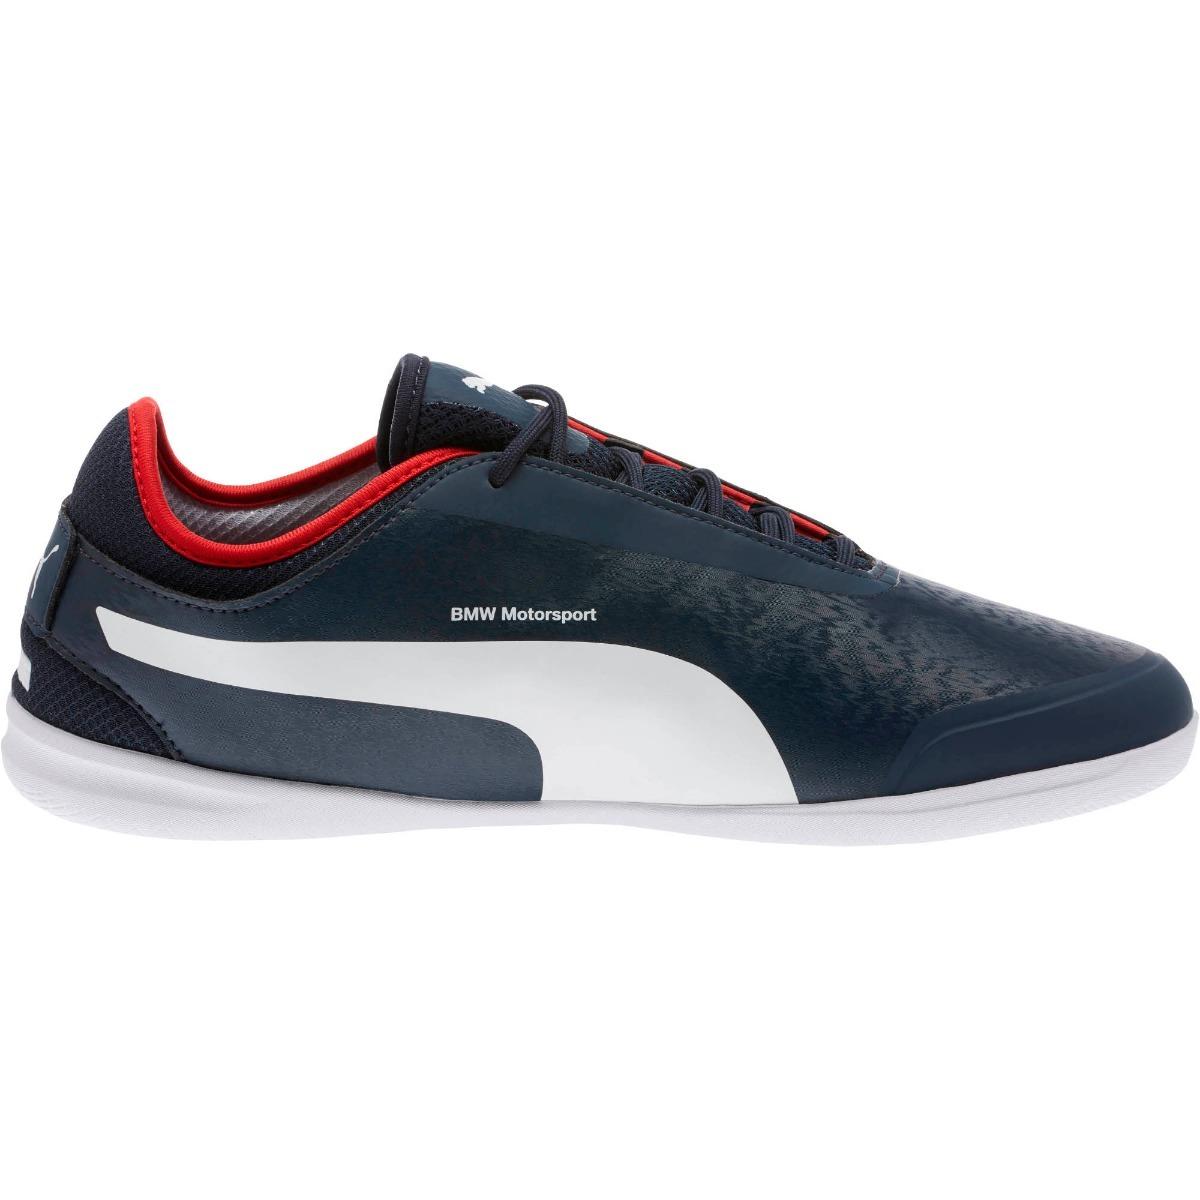 52b75d614e5c1 Tenis Puma Bmw Ms Changer 2 Azul- Caballero - $ 2,200.00 en Mercado ...